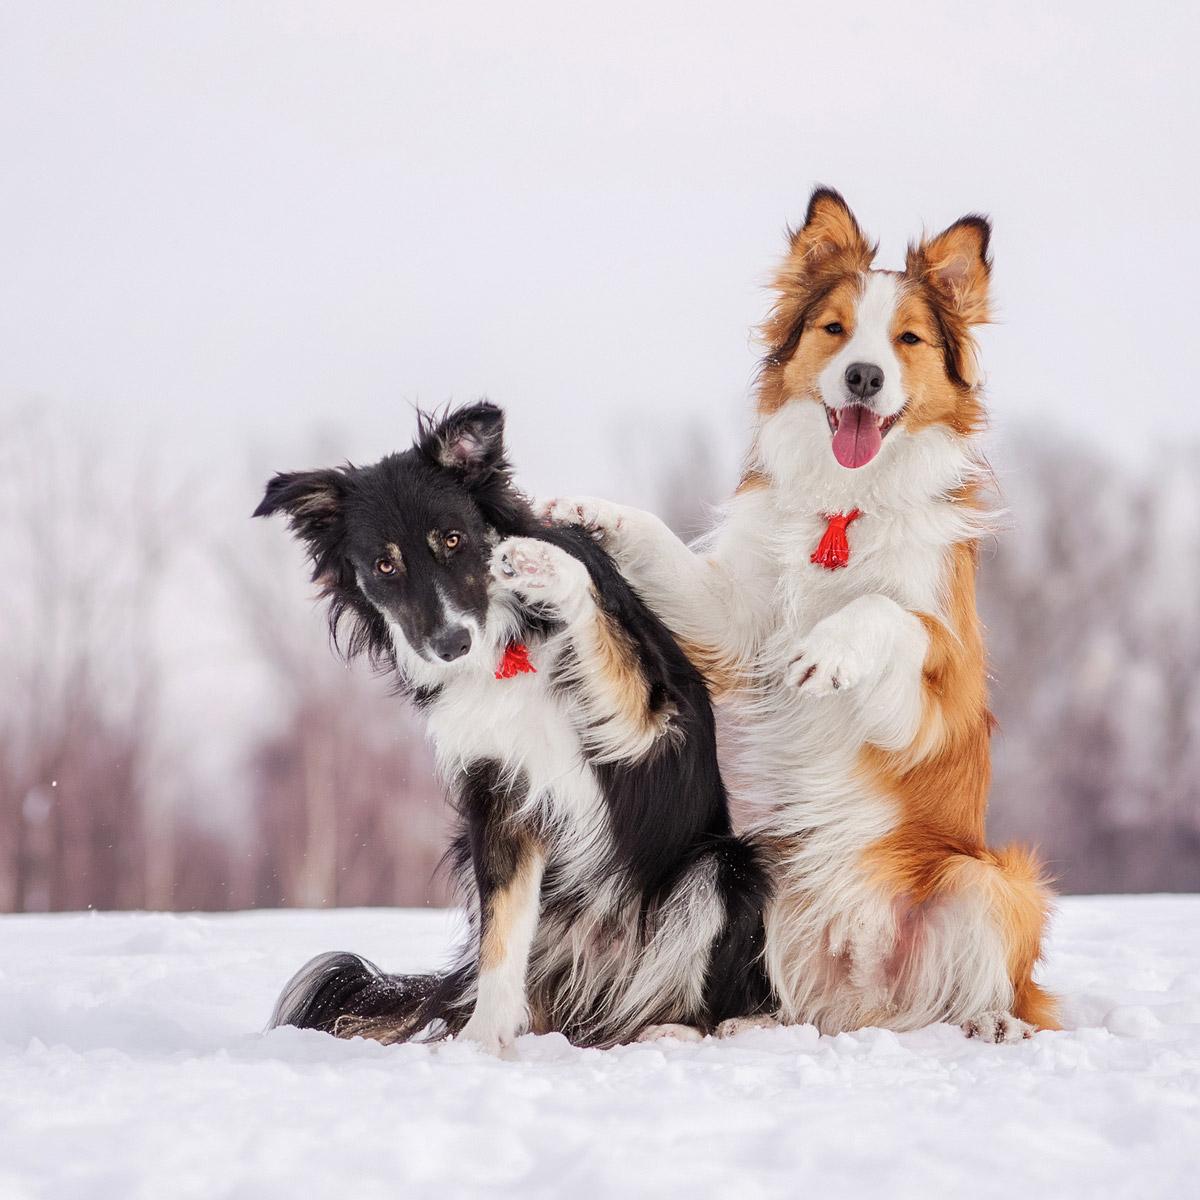 Původem pastevecký pes, border kolie, dominuje řebříčku nejinteligentnějších psích plemen.